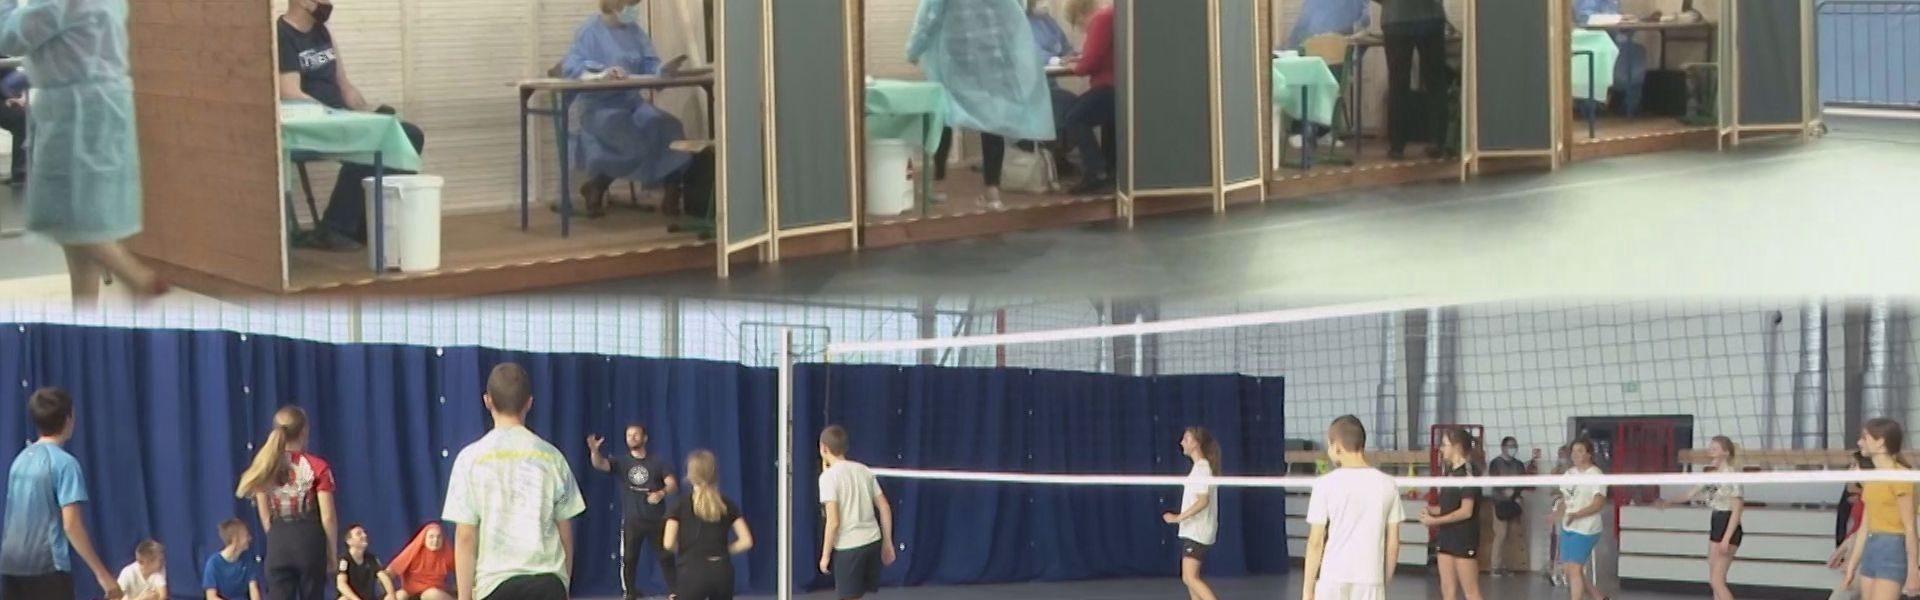 Uczniowie odzyskali halę sportową